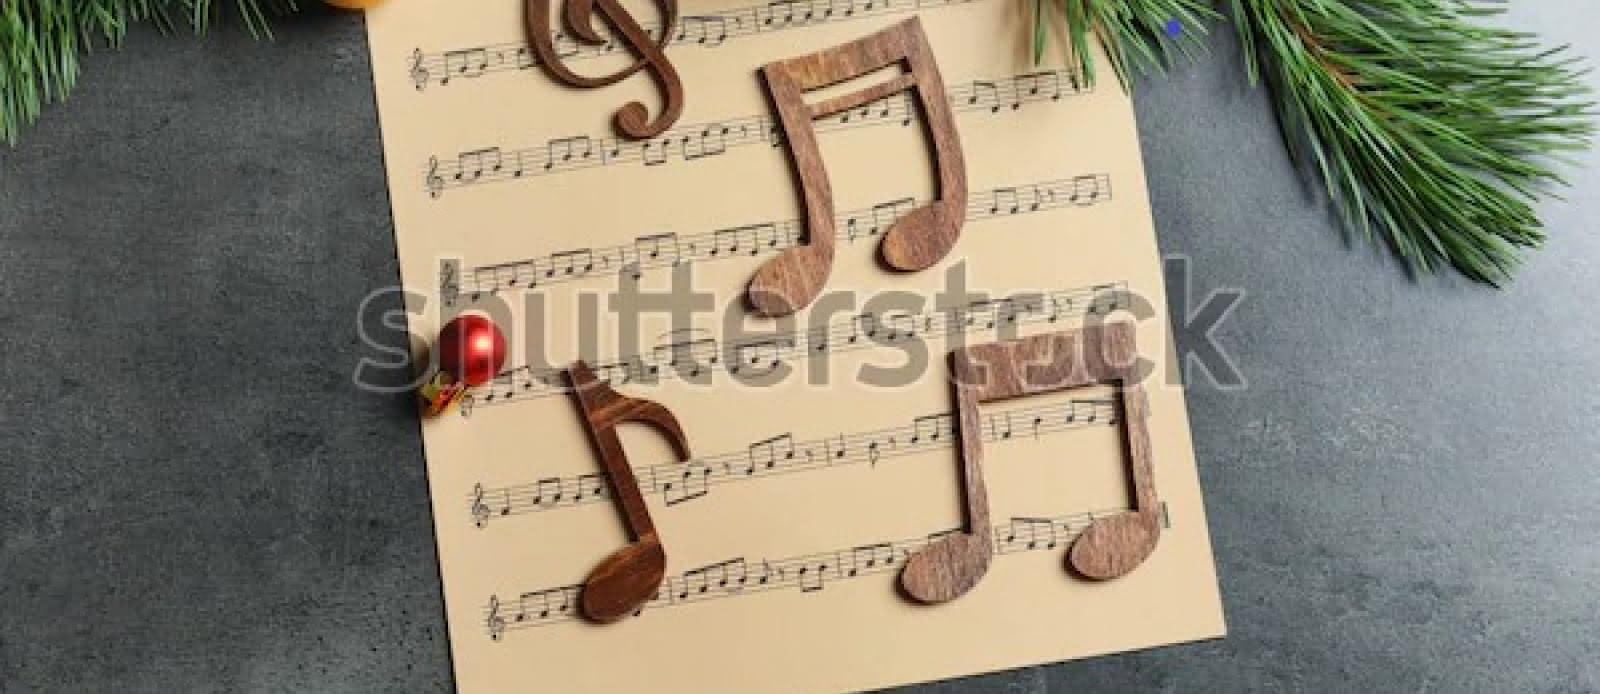 Concert-217